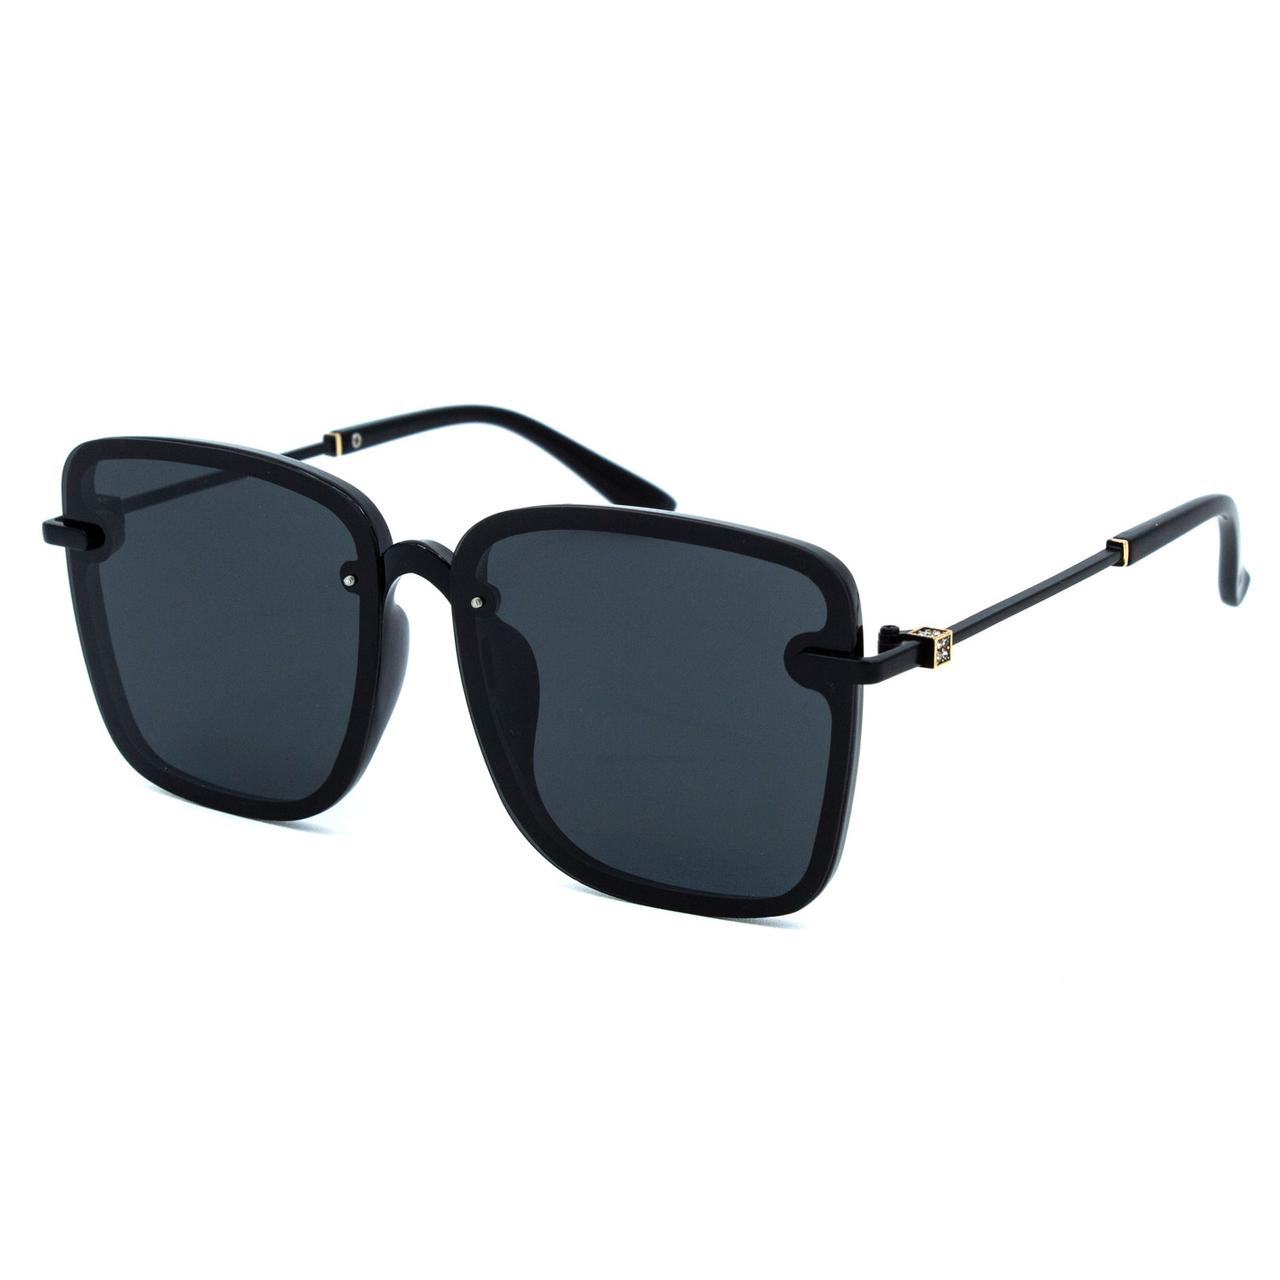 Солнцезащитные очки Marmilen Polar 473 C1     ( 473-01 )